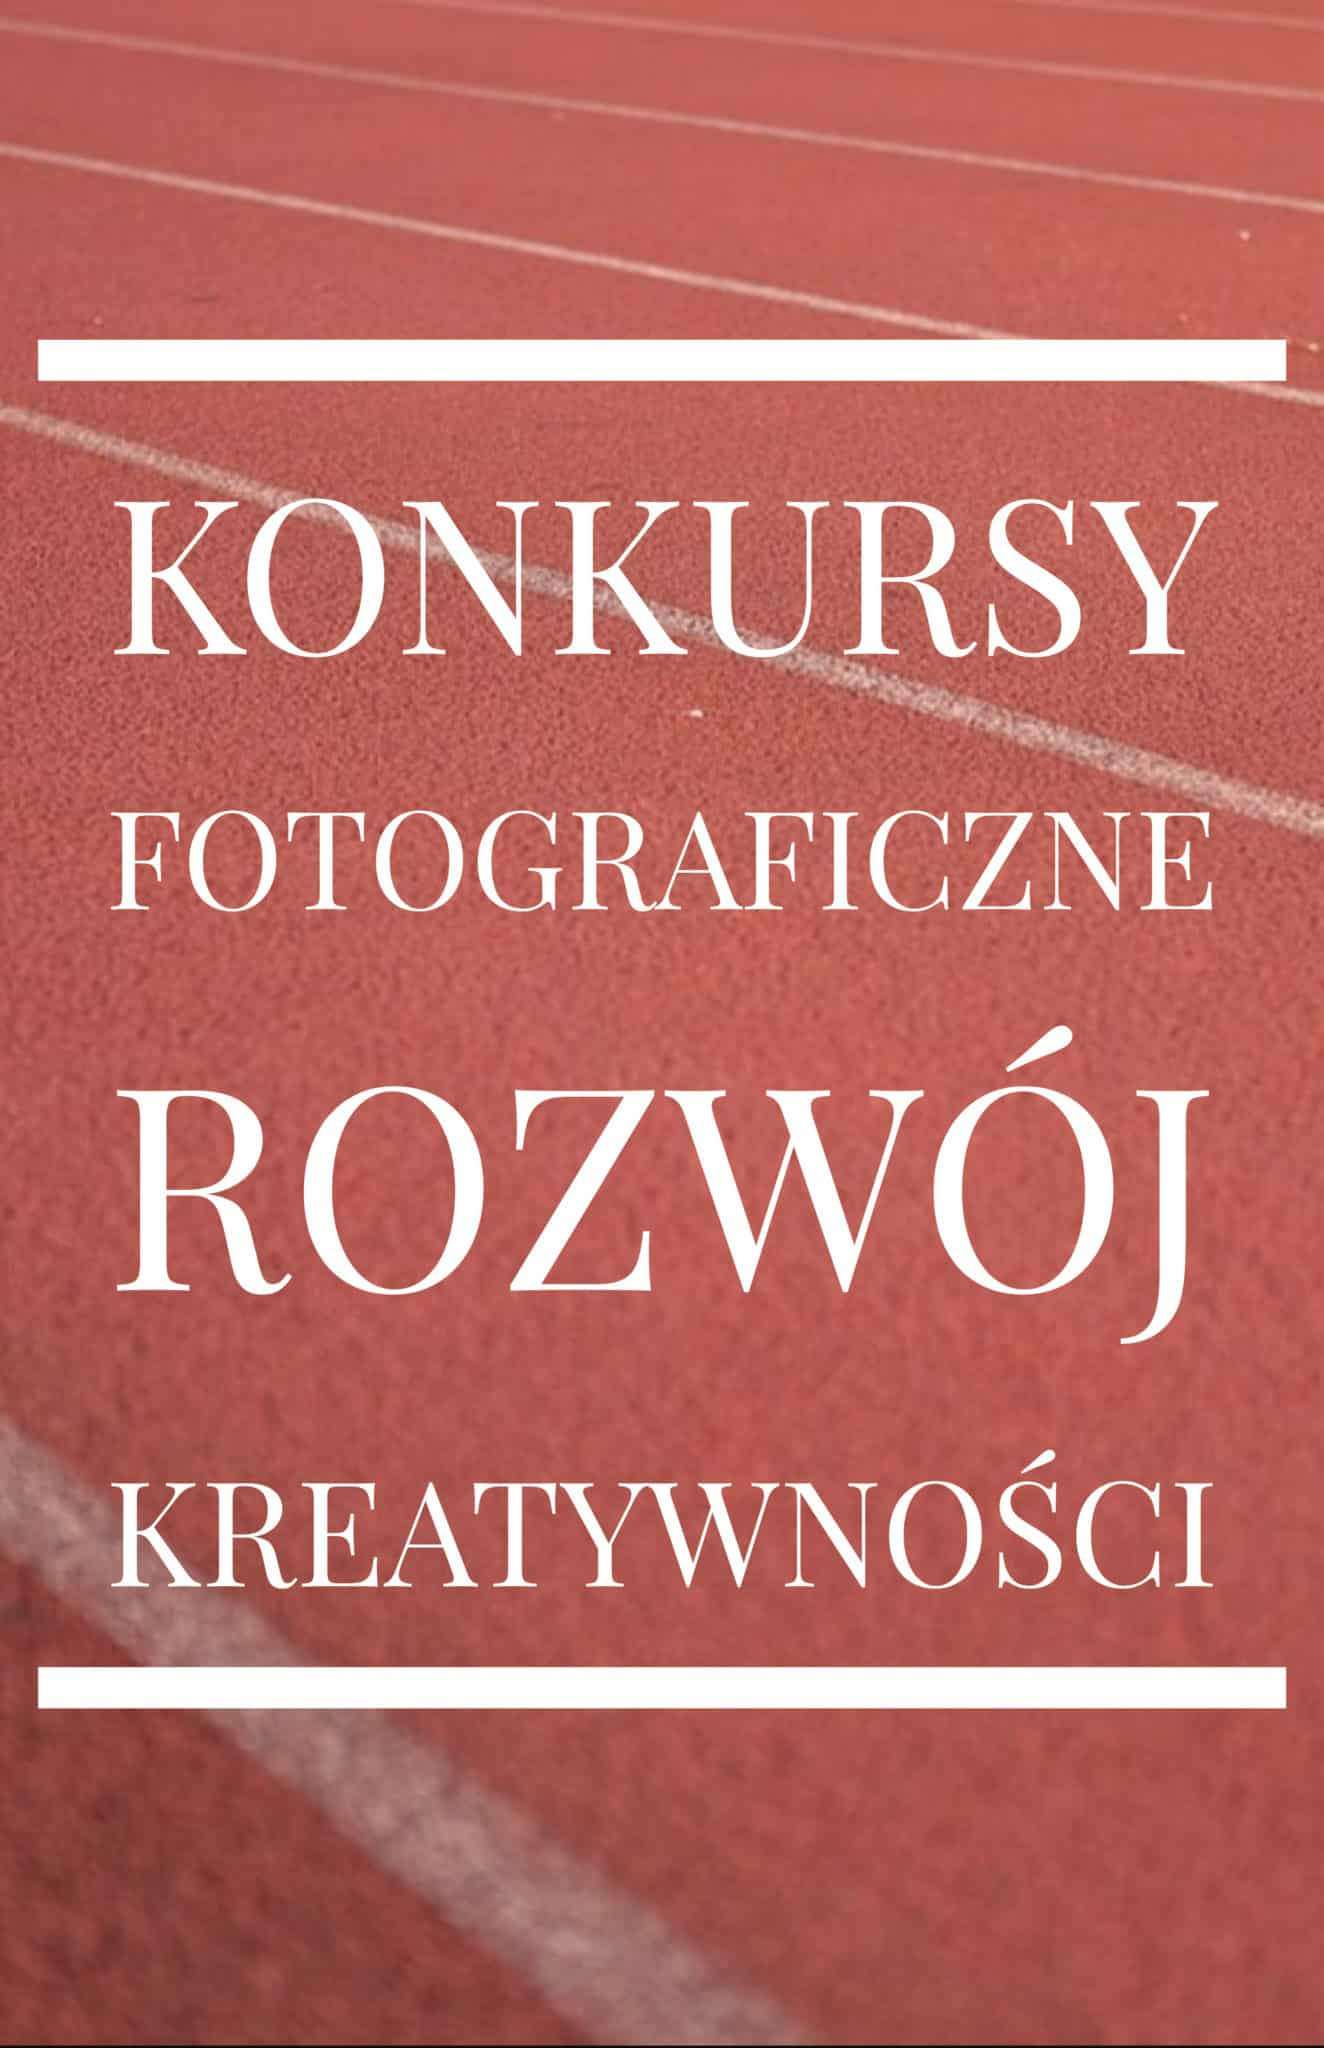 Konkursy fotograficzne jako rozwój kreatywności - okładka